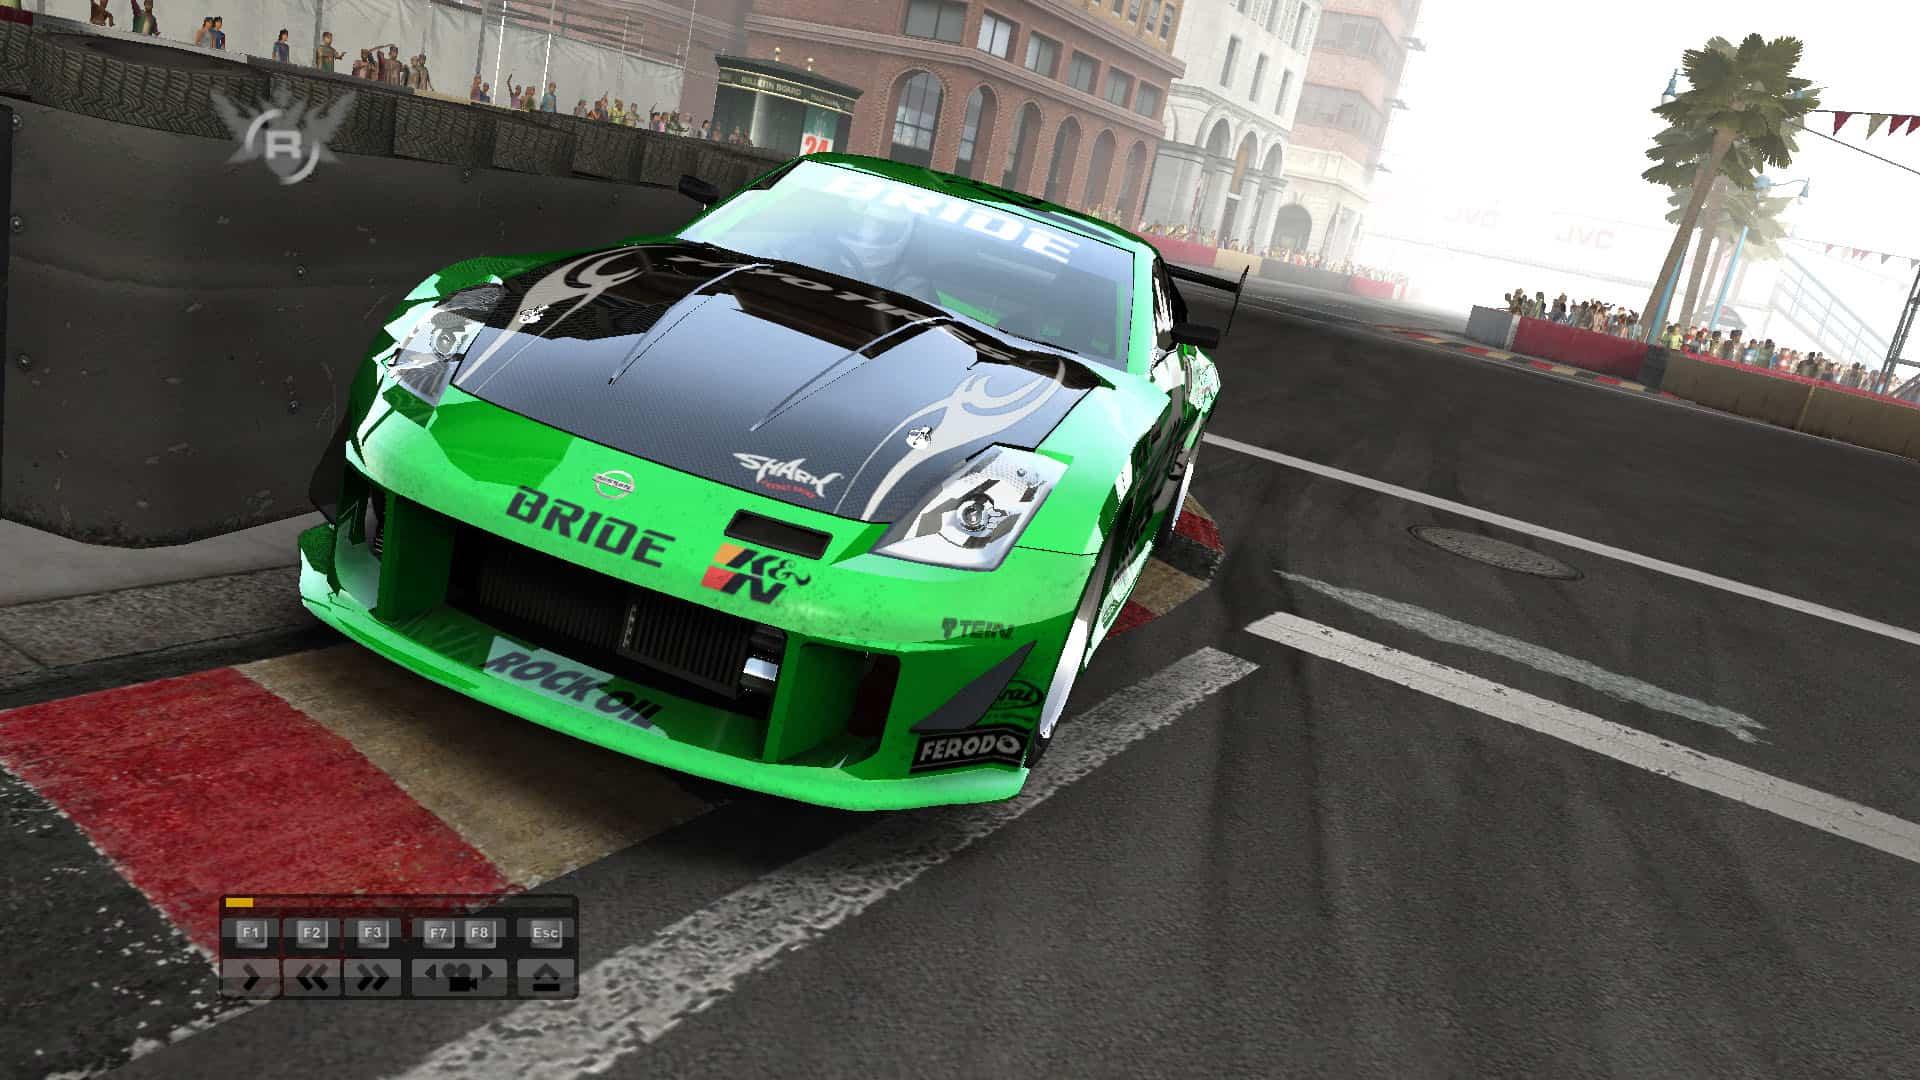 Jeu De Voiture De Course Sur Circuit - Course Automobile intérieur Les Jeux De Voiture De Course